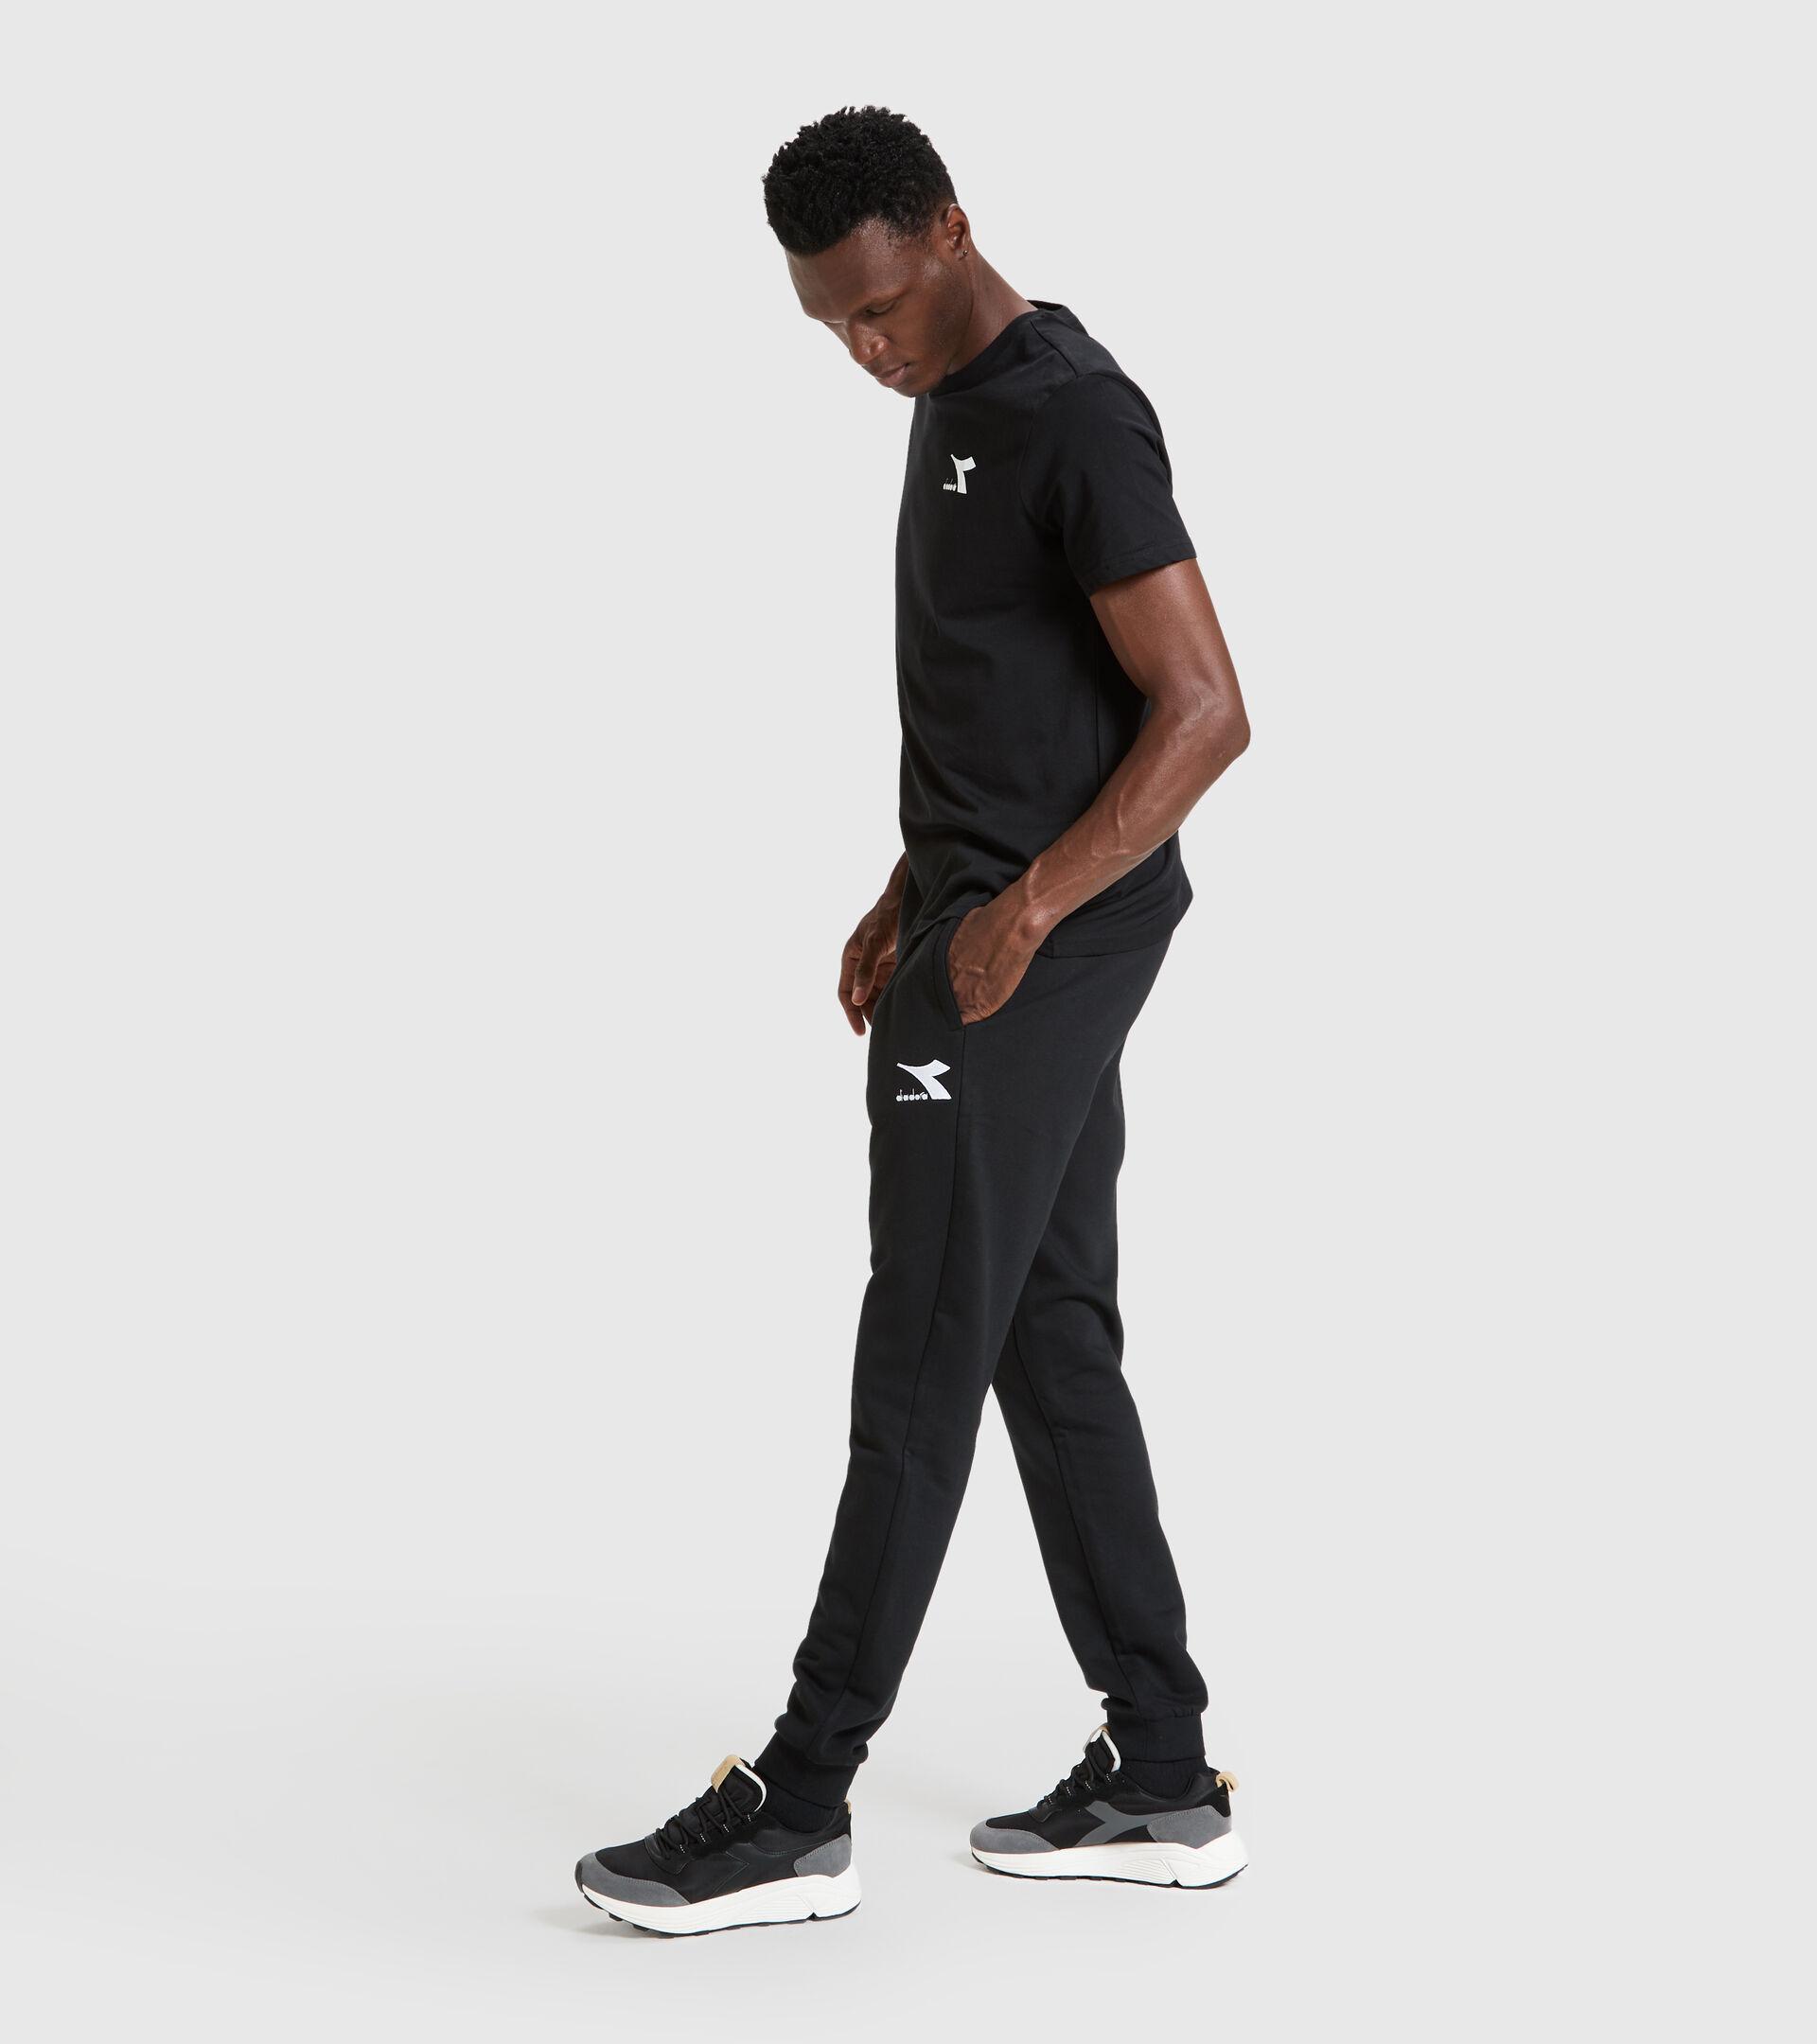 Pantalones deportivos - Hombre PANTS CUFF CORE NEGRO - Diadora